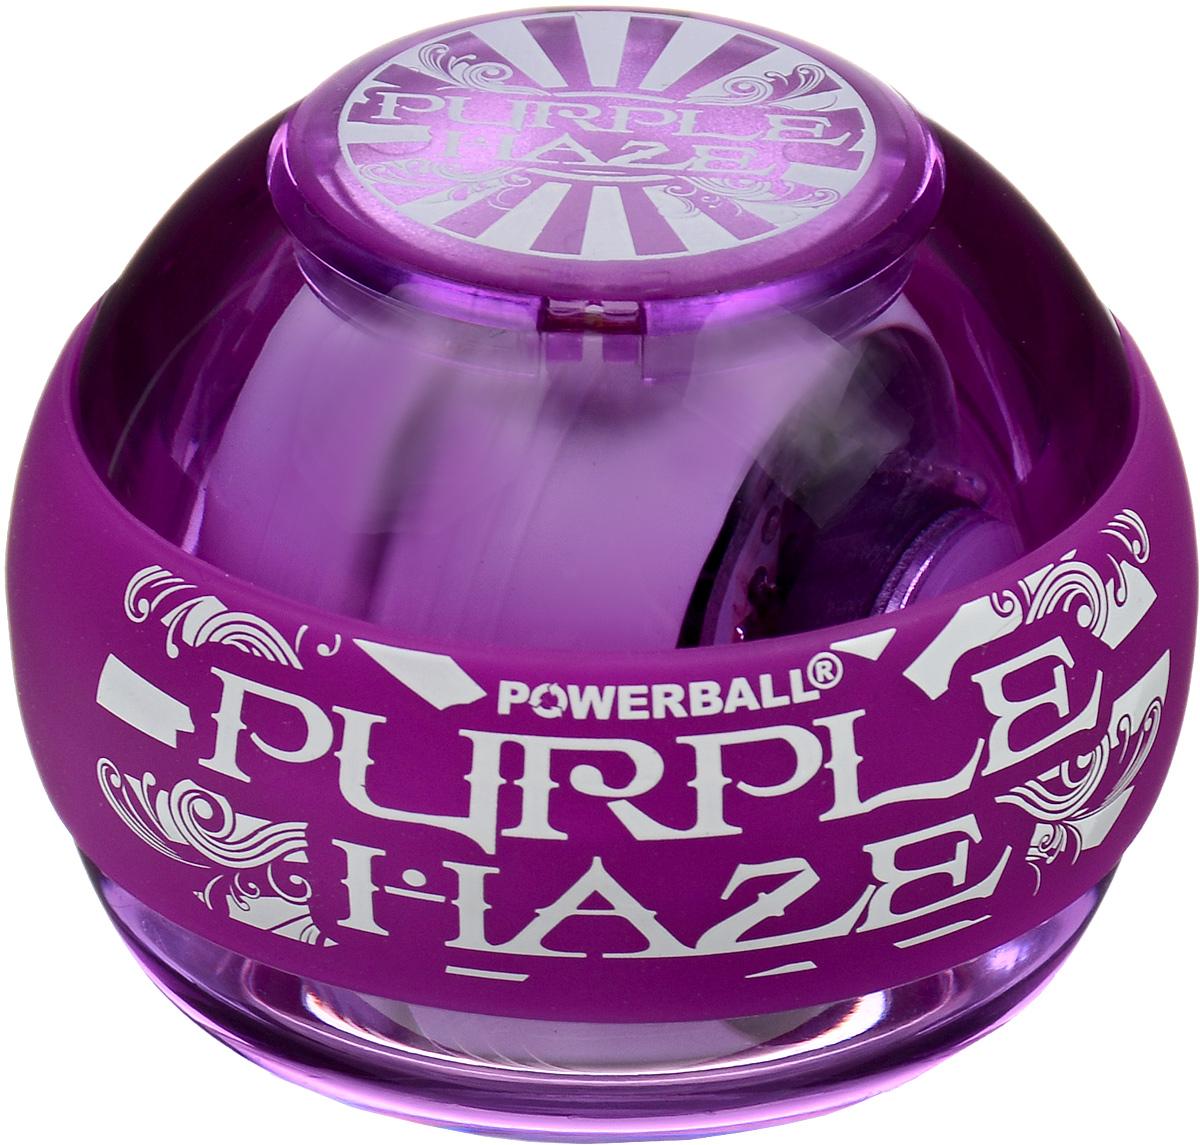 Тренажер кистевой NSD Power Powerball 250Hz Purple Haze, цвет: пурпурныйУТ-00007343NSD Power Powerball 250Hz Purple Haze - новая модель с подсветкой, продолжающая линейку Neon. Тренажер укрепляет мышцы руки простым, но эффективным способом, а так же обеспечивает быструю реабилитацию после различных травм. Отлично продуманная конструкция приспособления и рабочая частота 250 Гц обеспечивают плавное вращение ротора на скорости до 15 000 оборотов в минуту. В данную модель можно установить счетчик. В комплект входят диск и два шнура для раскрутки тренажера. Диаметр тренажера: 7 см